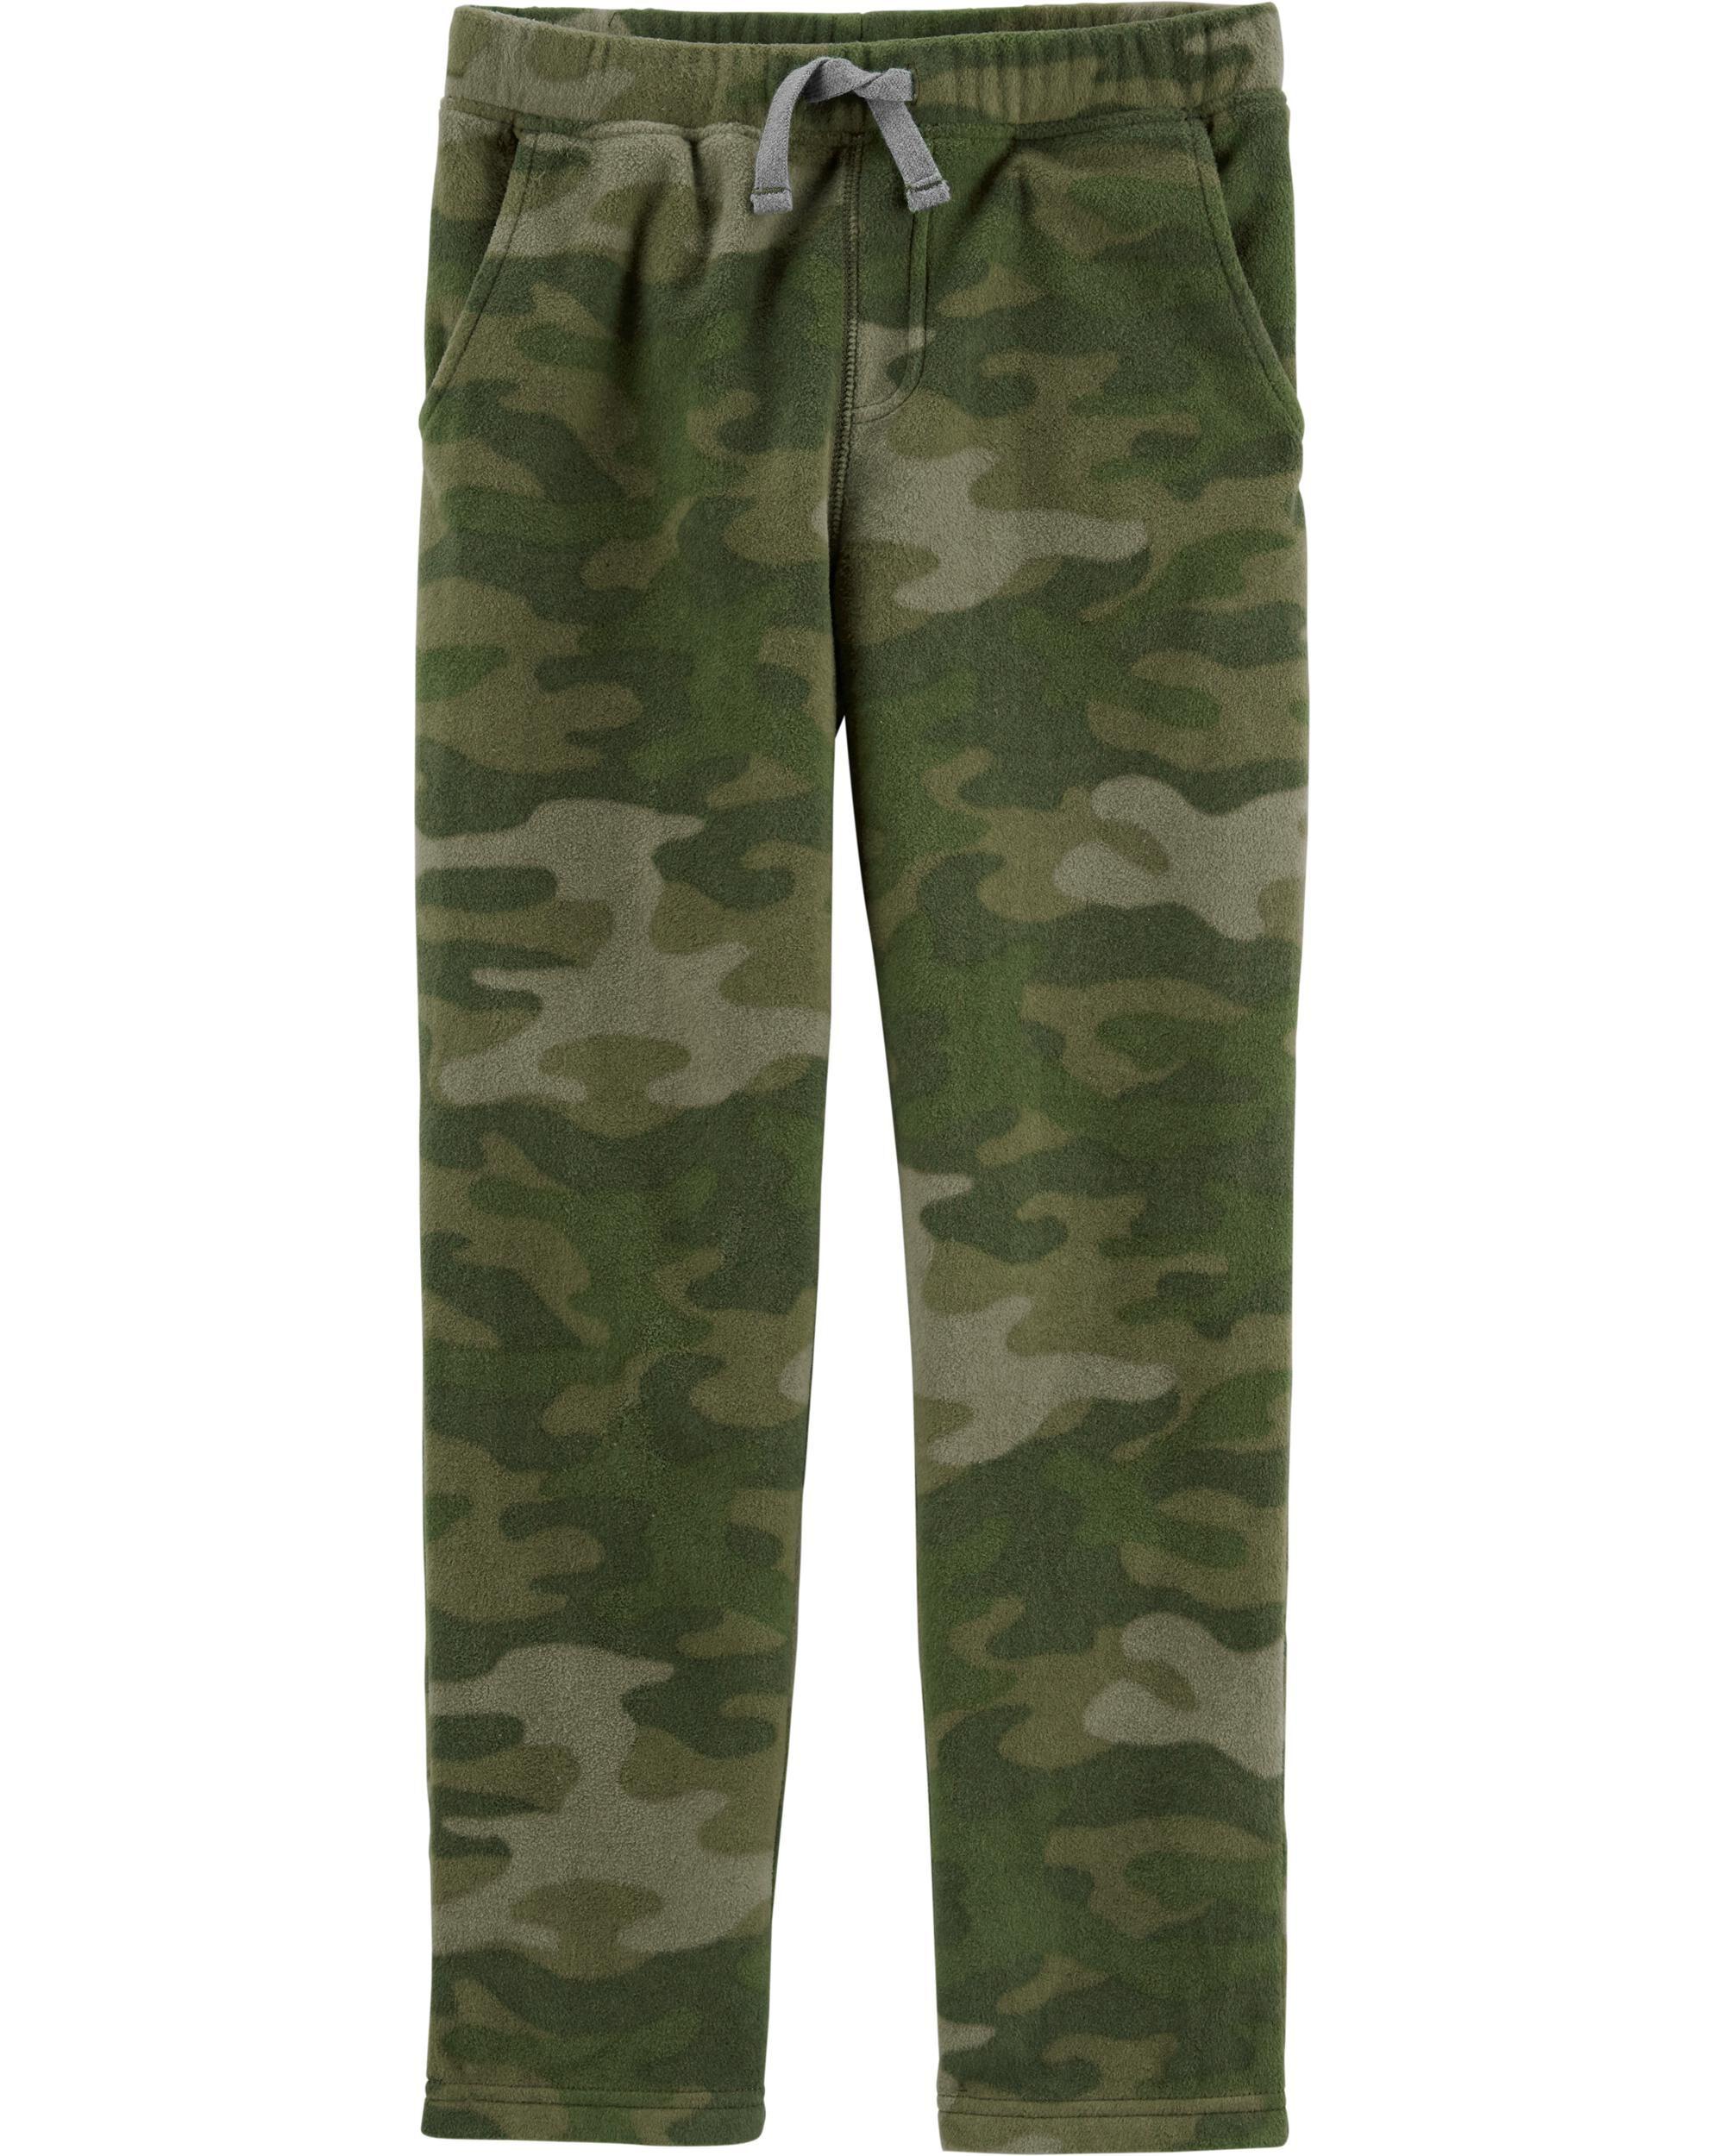 *DOORBUSTER* Camo Pull-On Fleece Pants